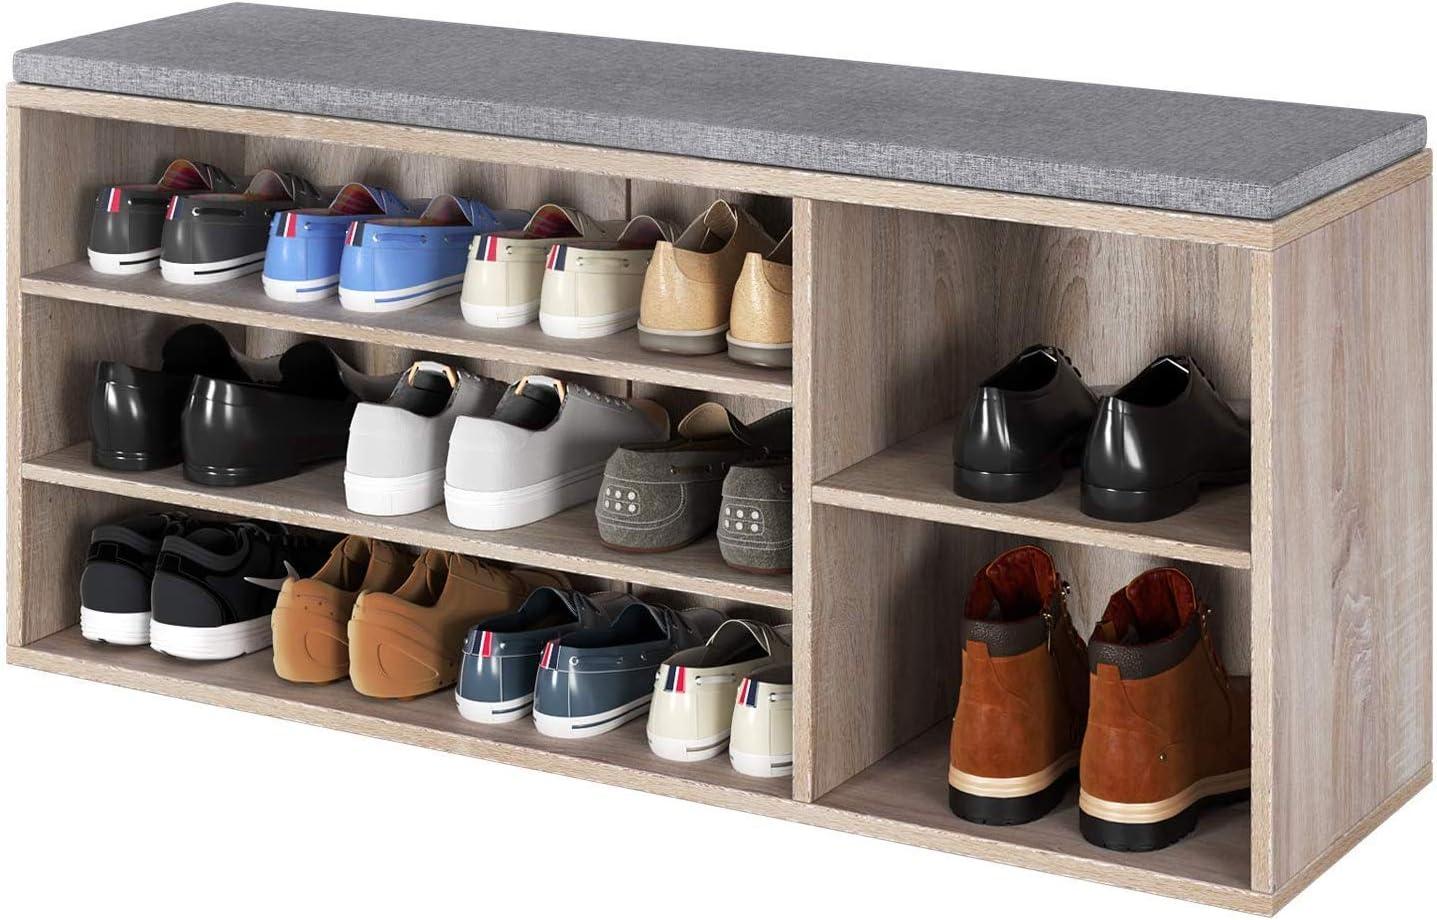 Homfa 3 Tier Shoe Storage Bench Shoe Racks Shoe Organizer with Cushion Seat Wooden Ottoman Shoe Cupboard for Home 105x30x48cm